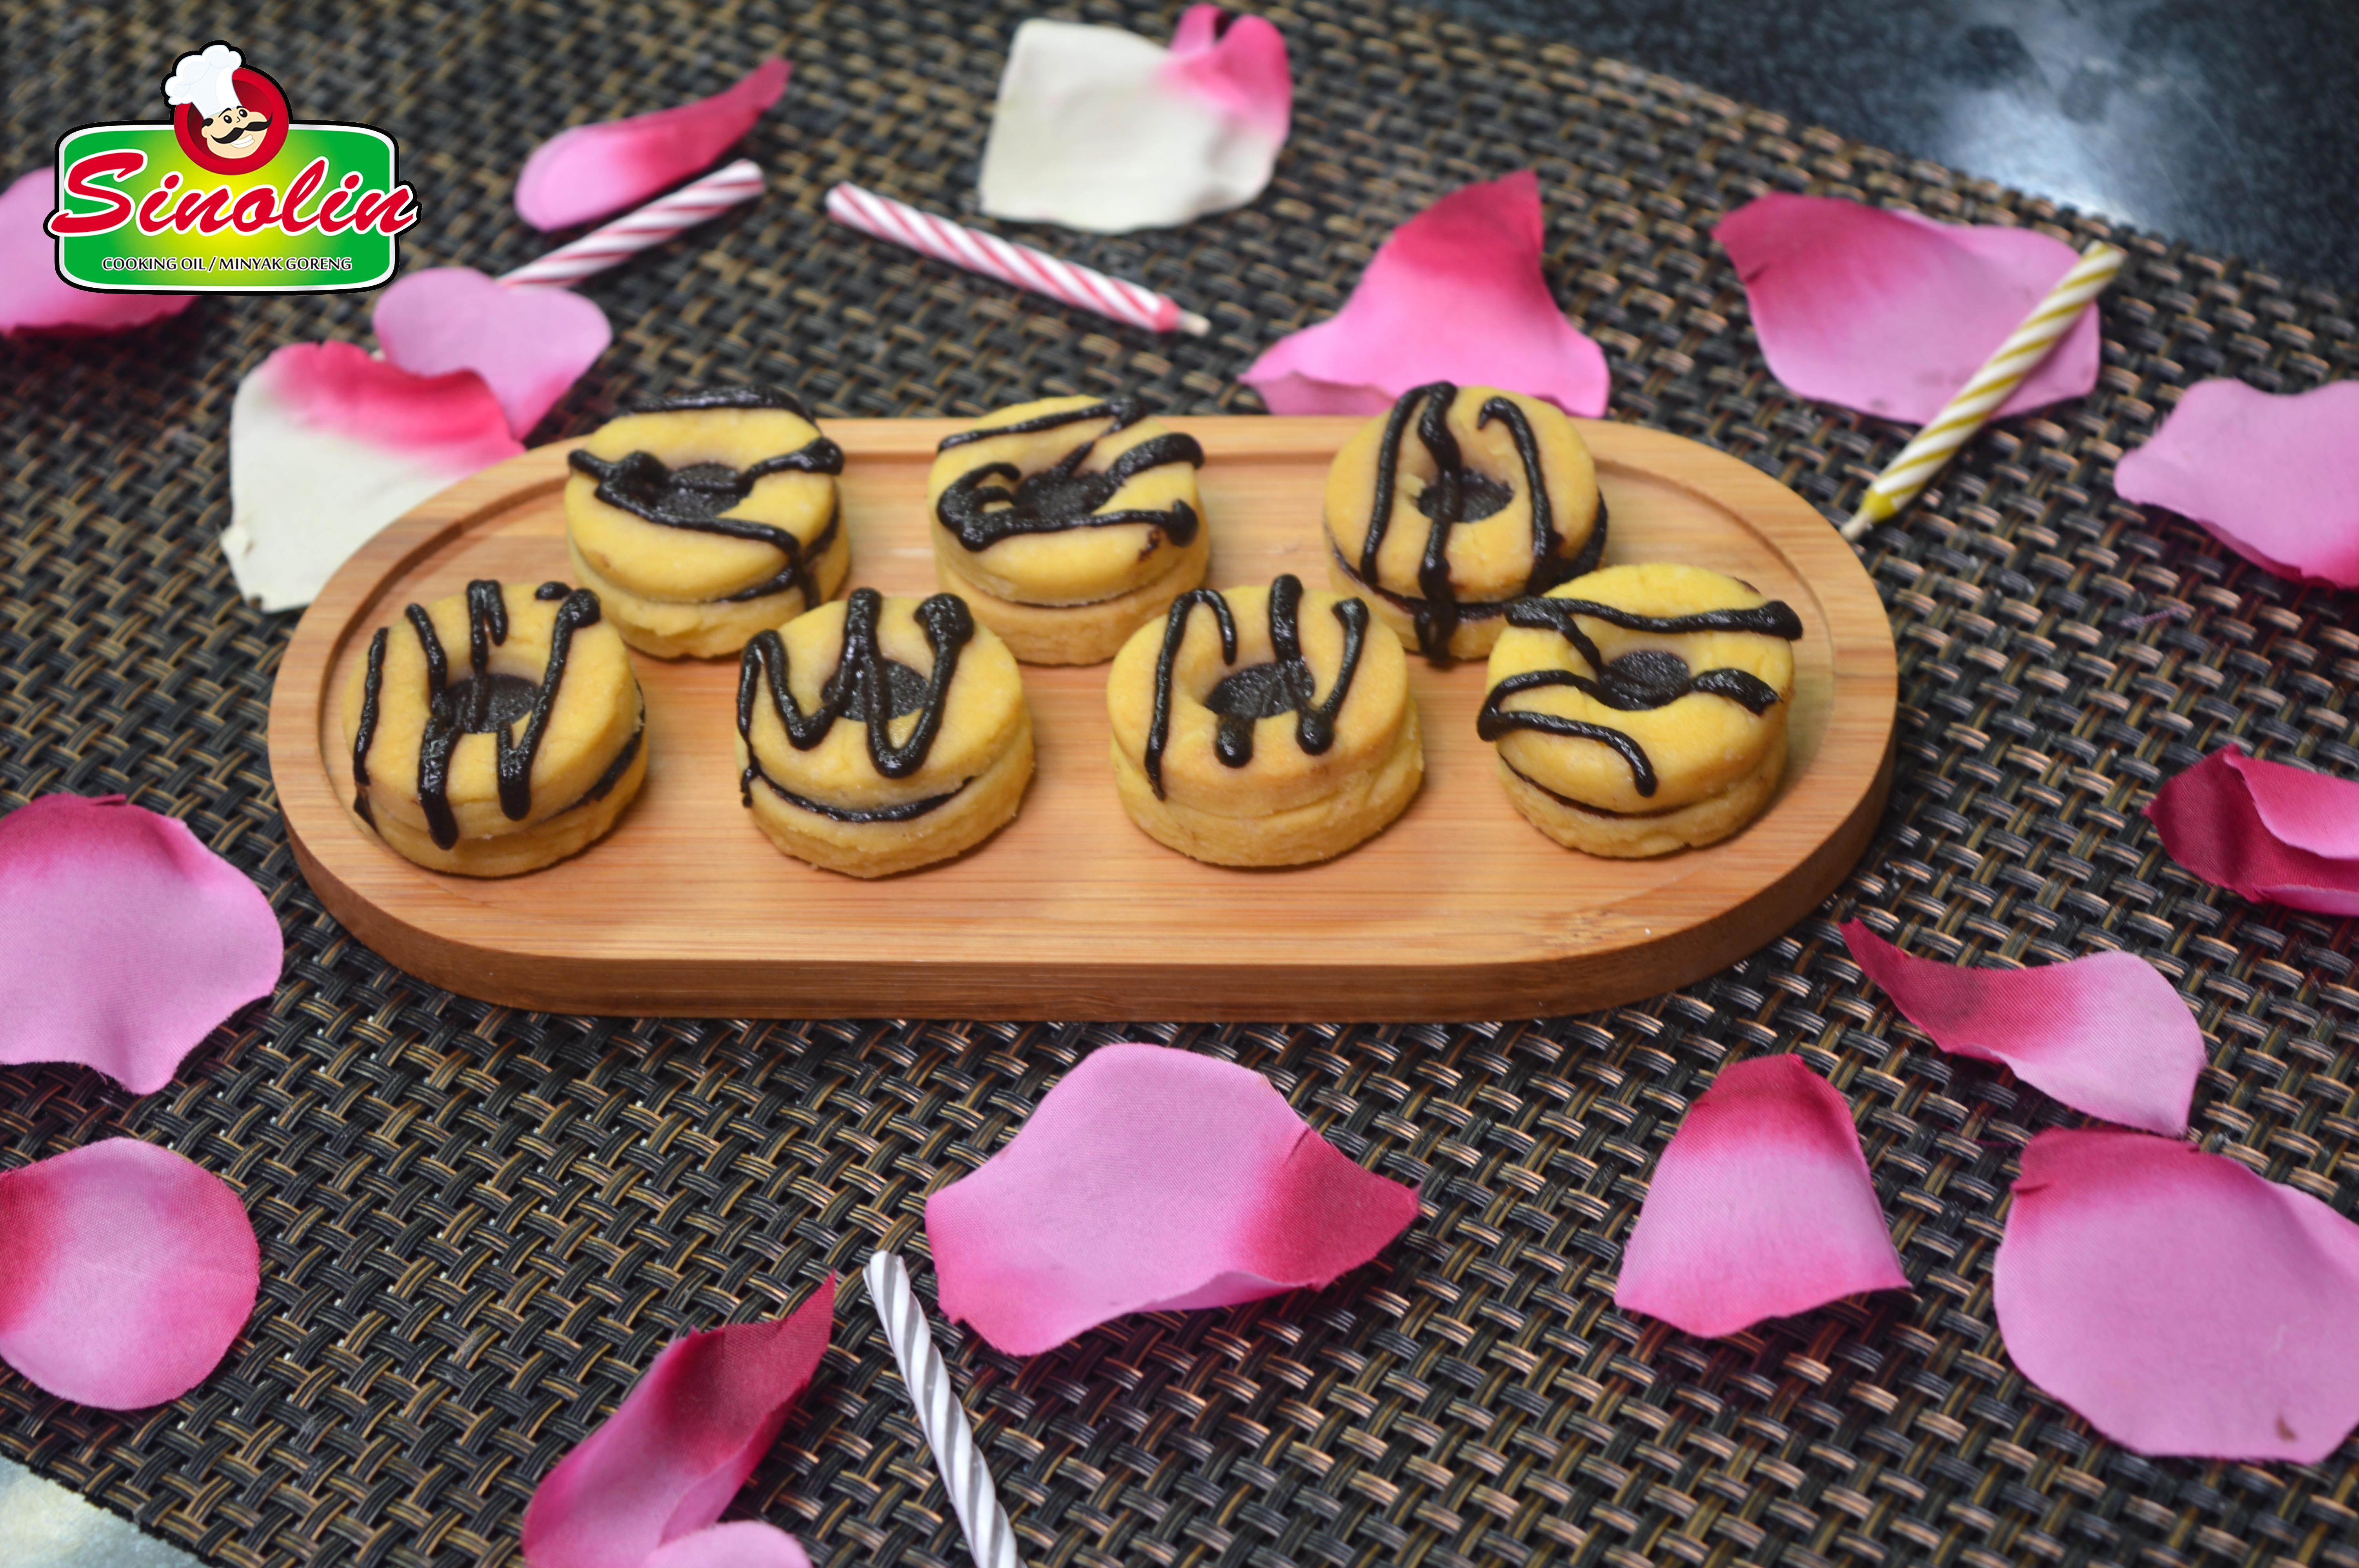 Striped Fudge Cookie Sandwiches By Dapur Sinolin